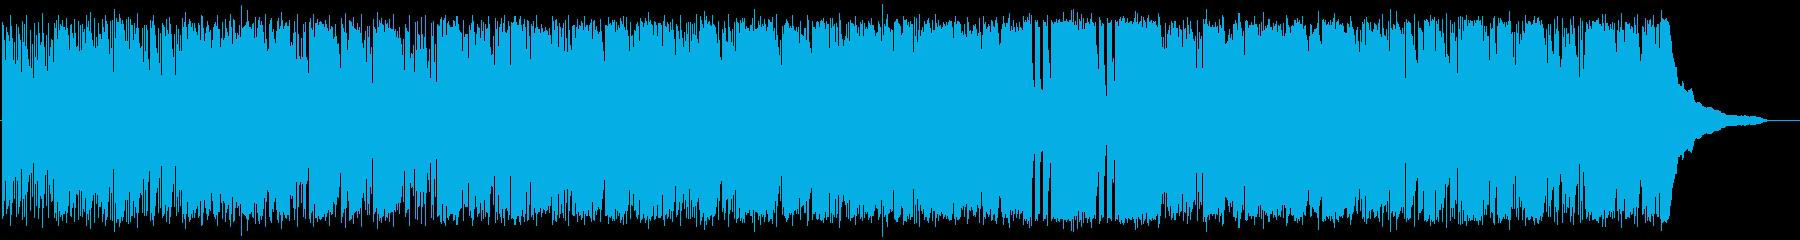 ワイルドでゆったりしたBGMの再生済みの波形